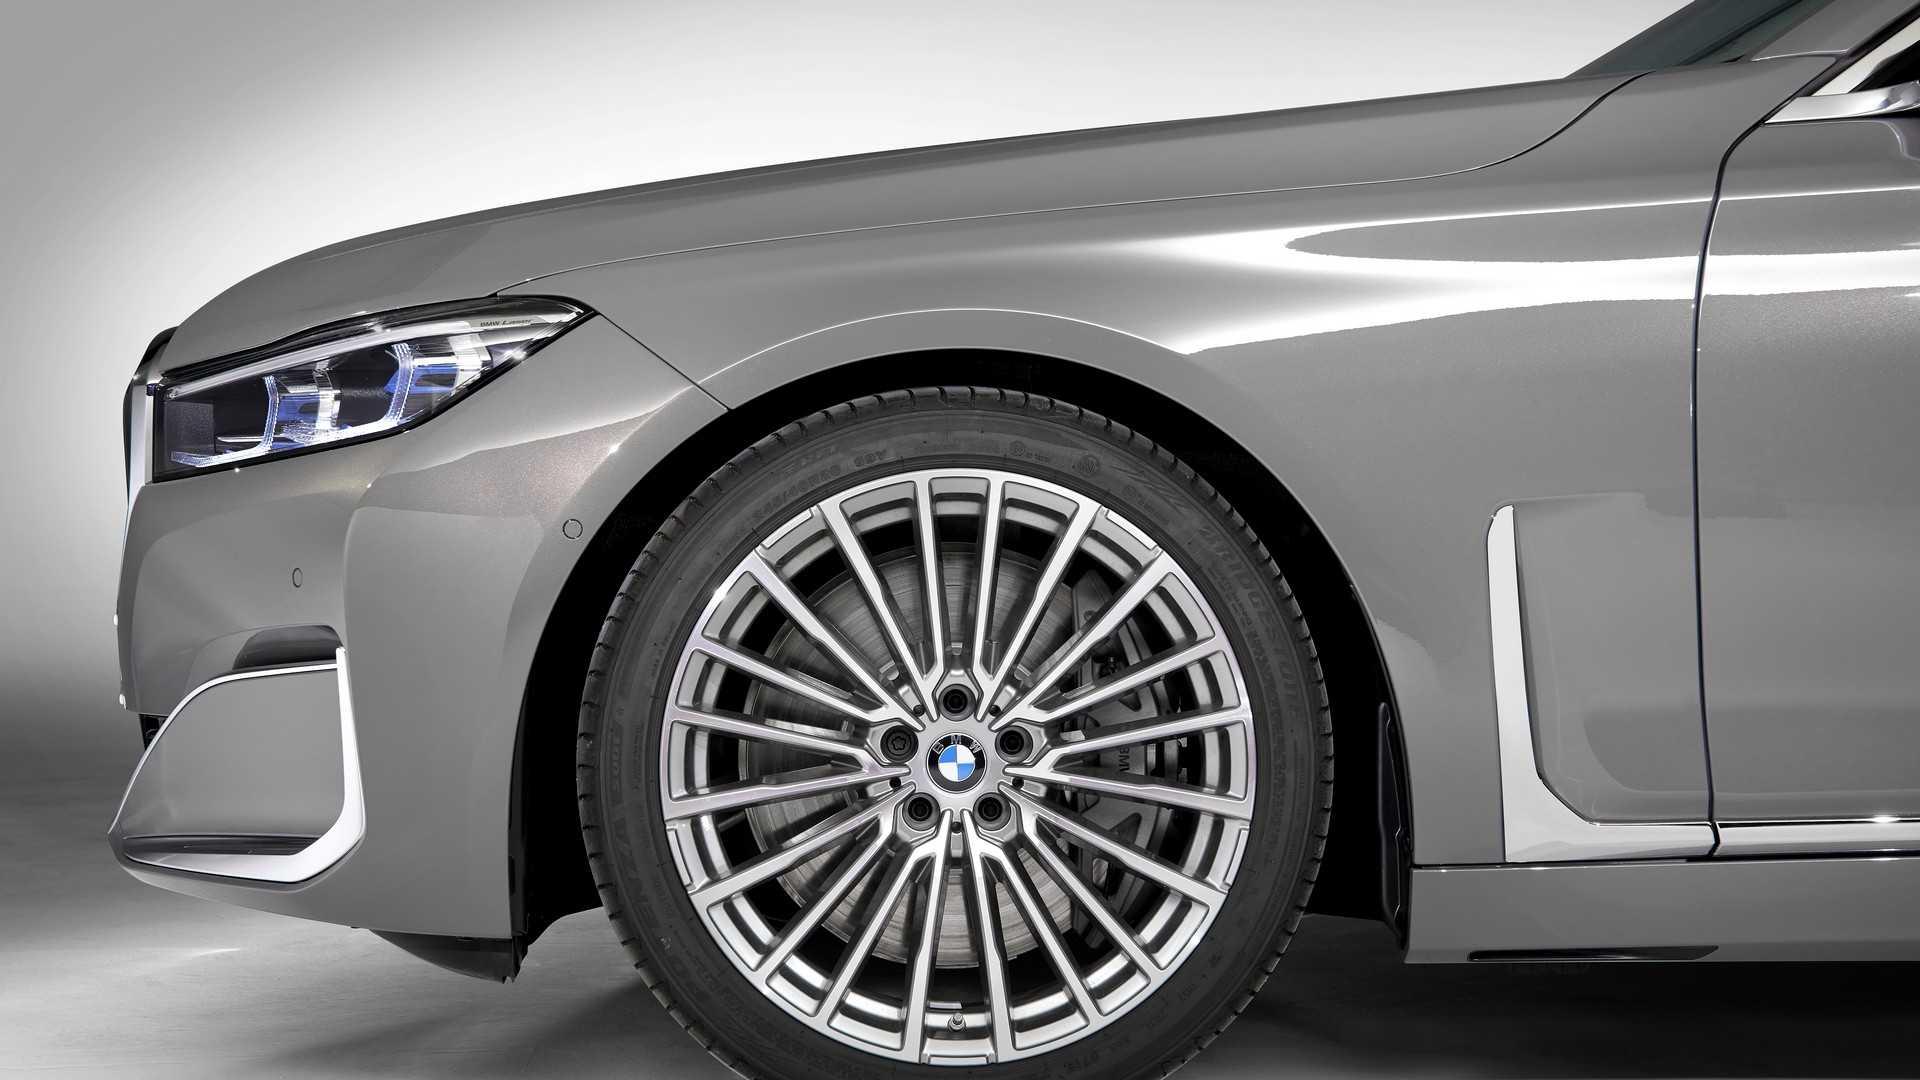 BMW 7 Series thế hệ mới sẽ có thêm bản chạy điện hoàn toàn - 12